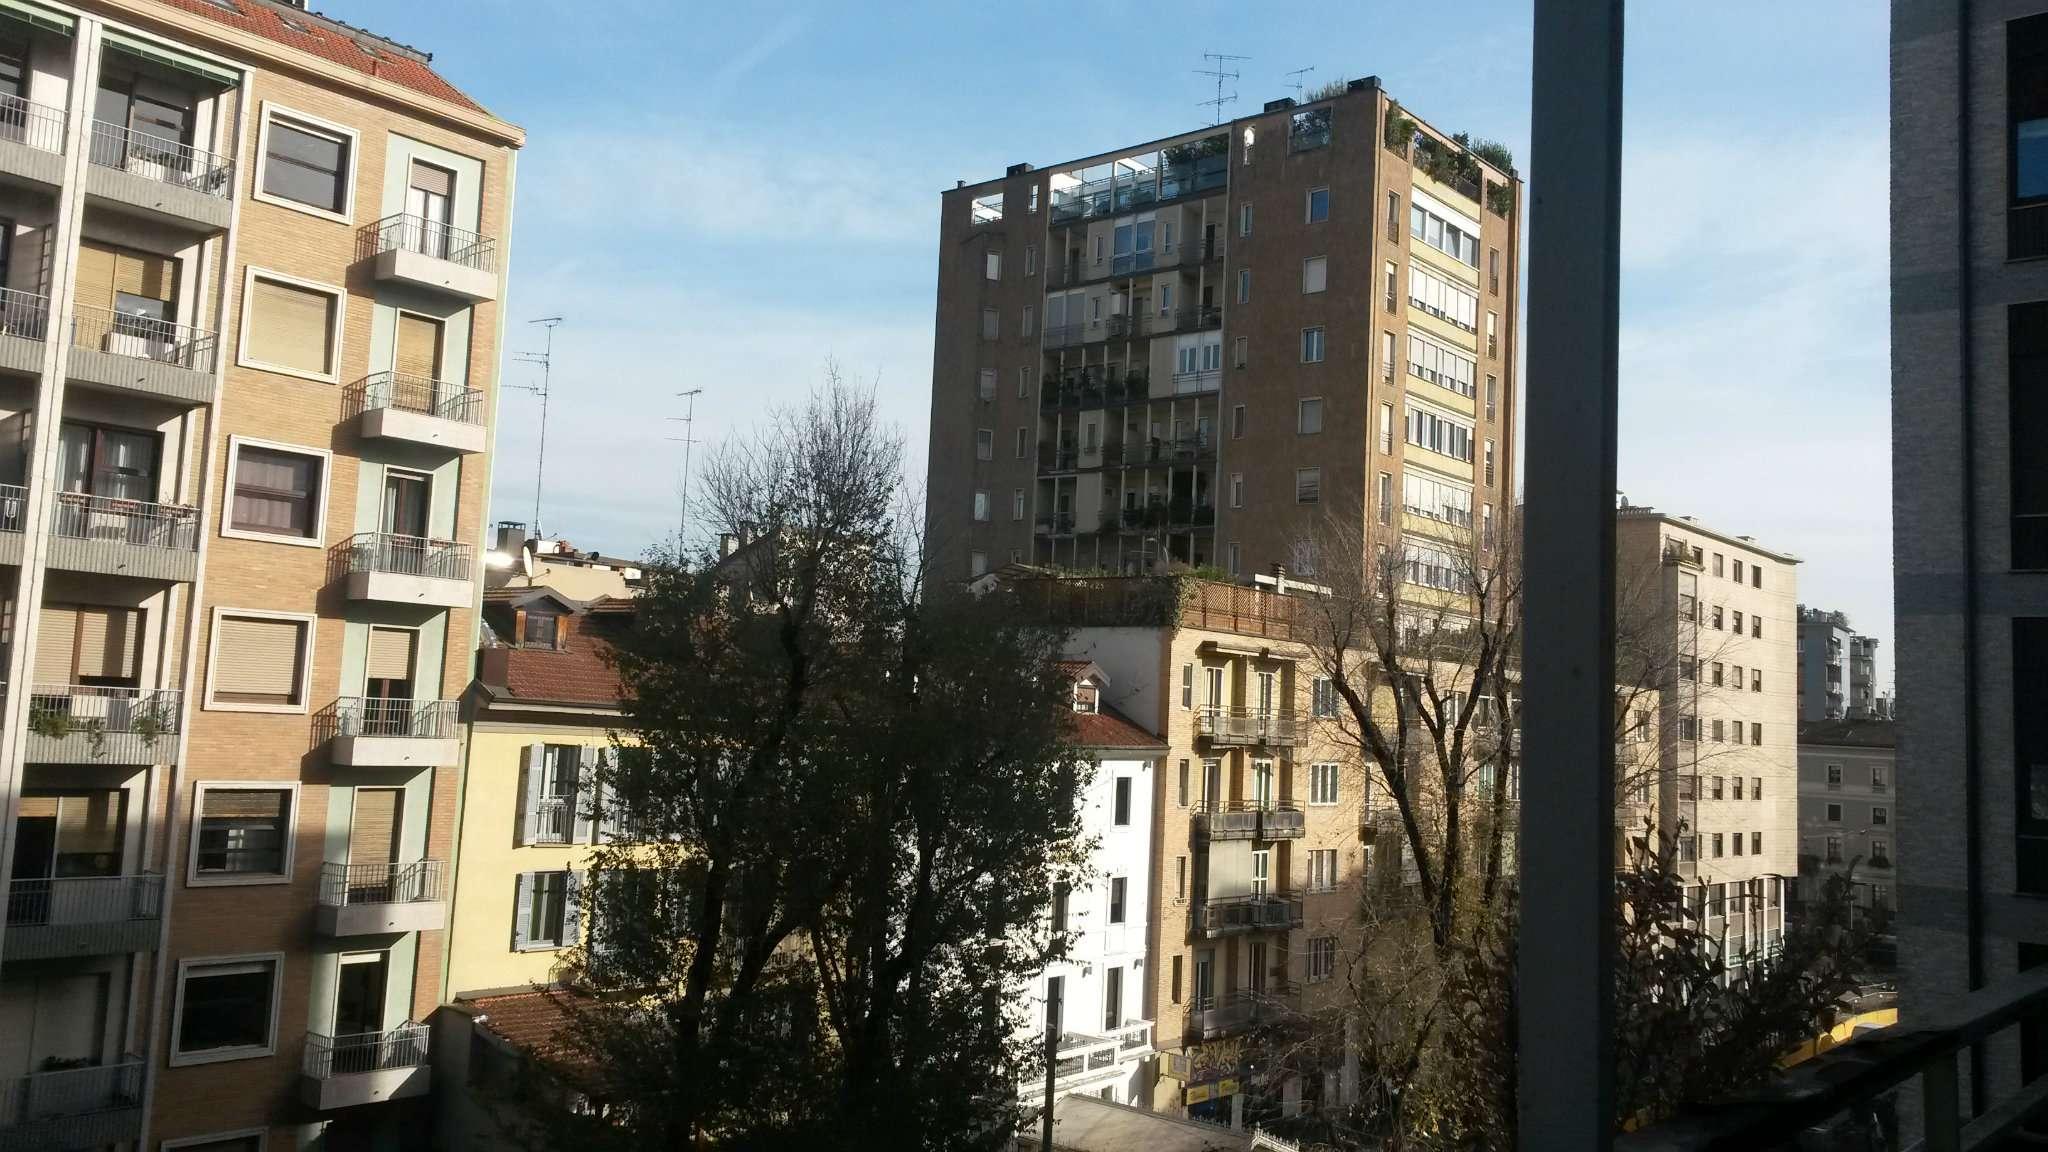 Appartamento in affitto a Milano, 3 locali, zona Zona: 1 . Centro Storico, Duomo, Brera, Cadorna, Cattolica, prezzo € 1.330 | Cambio Casa.it